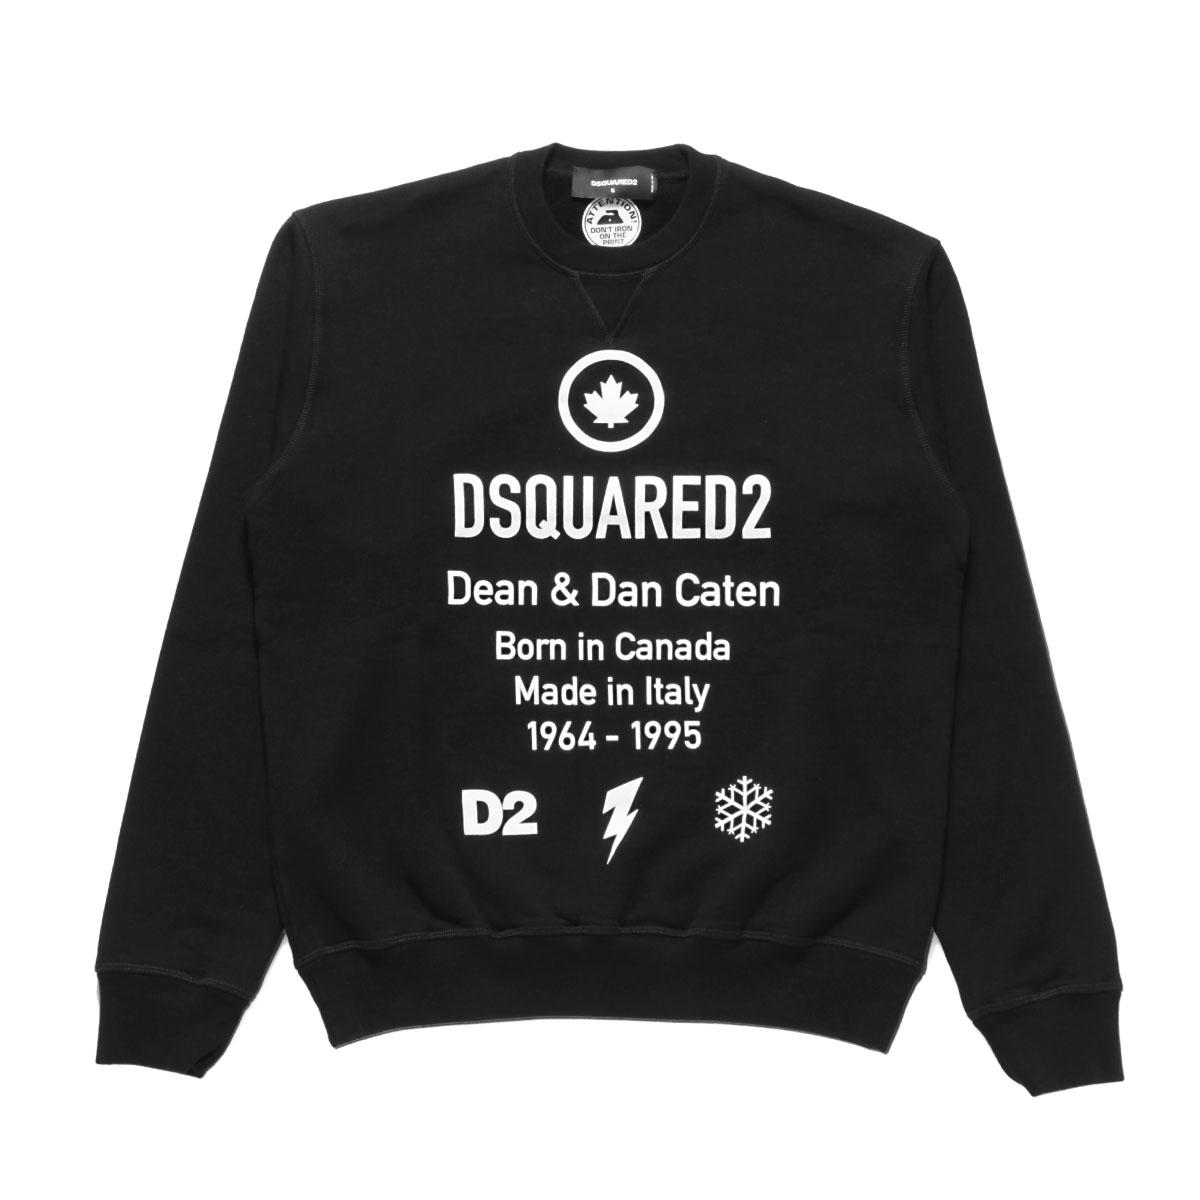 ディースクエアード DSQUARED 2 スウェット メンズ S74GU0425 S25042 900 長袖スウェット BLACK ブラック